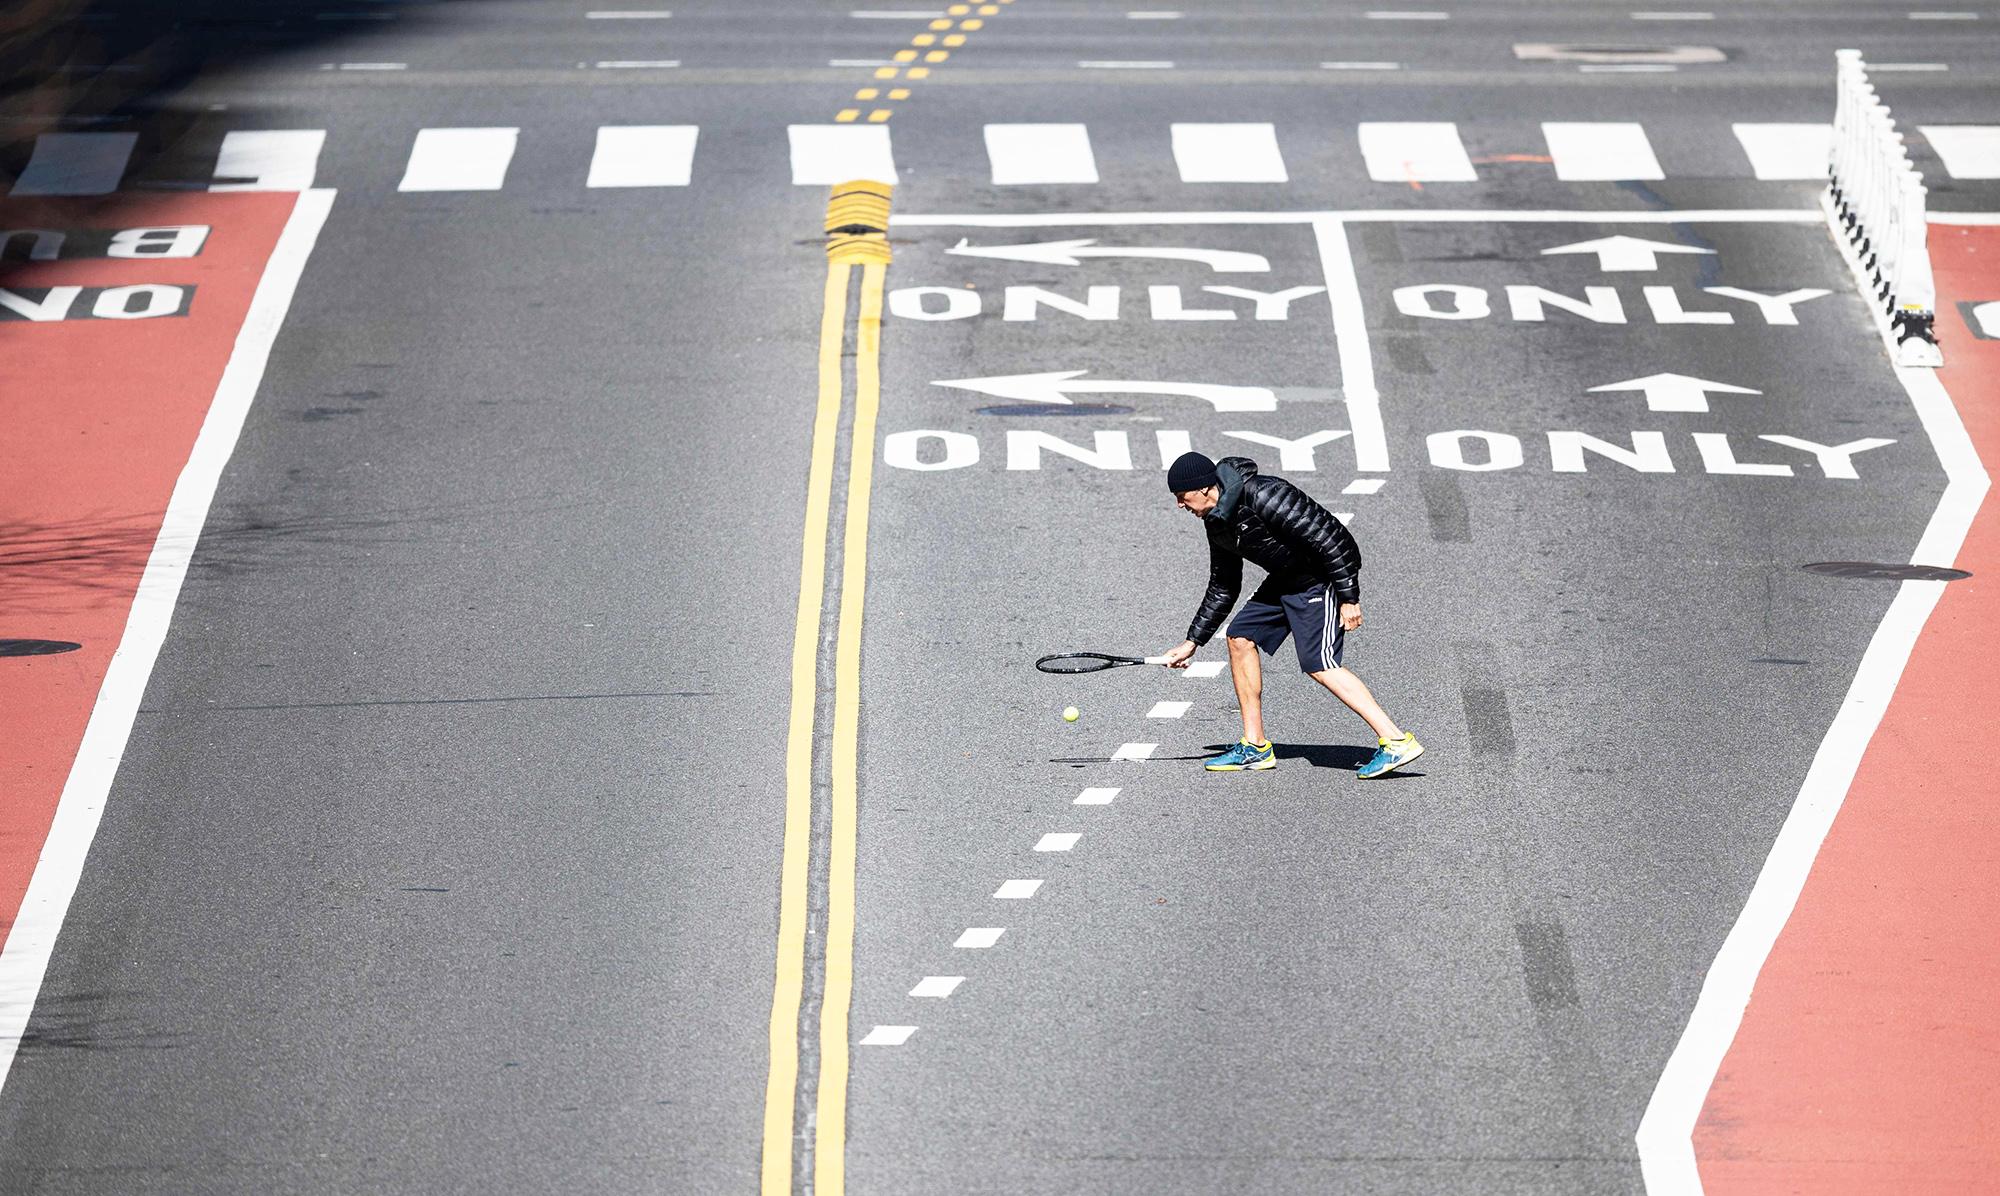 Мужчина играет втеннис на42-й улице вНью-Йорке. Вапреле США обогнали Италию, став страной ссамым большим числом погибших врезультате пандемии коронавируса (согласно данным Университета Джона Хопкинса). Снимок сделан 11 апреля 2020 года